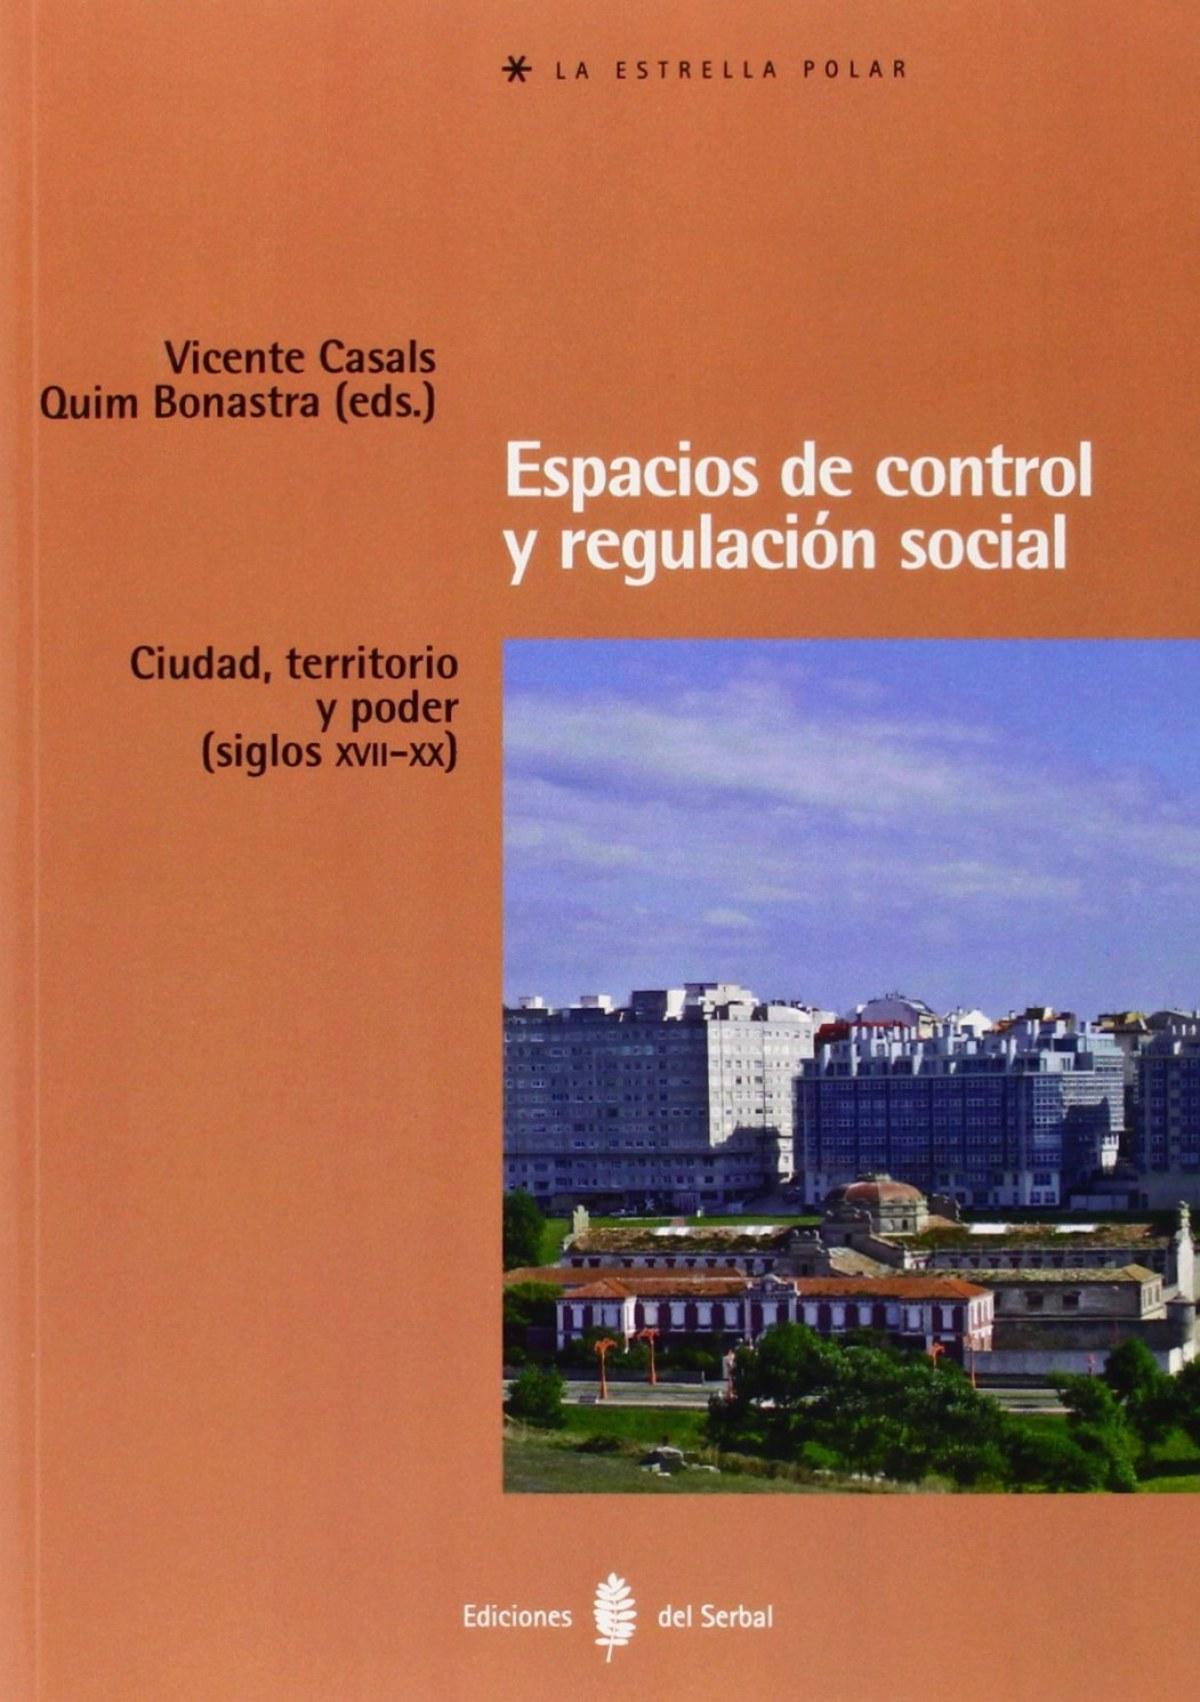 ESPACIOS DE CONTROL Y REGULACION SOCIAL